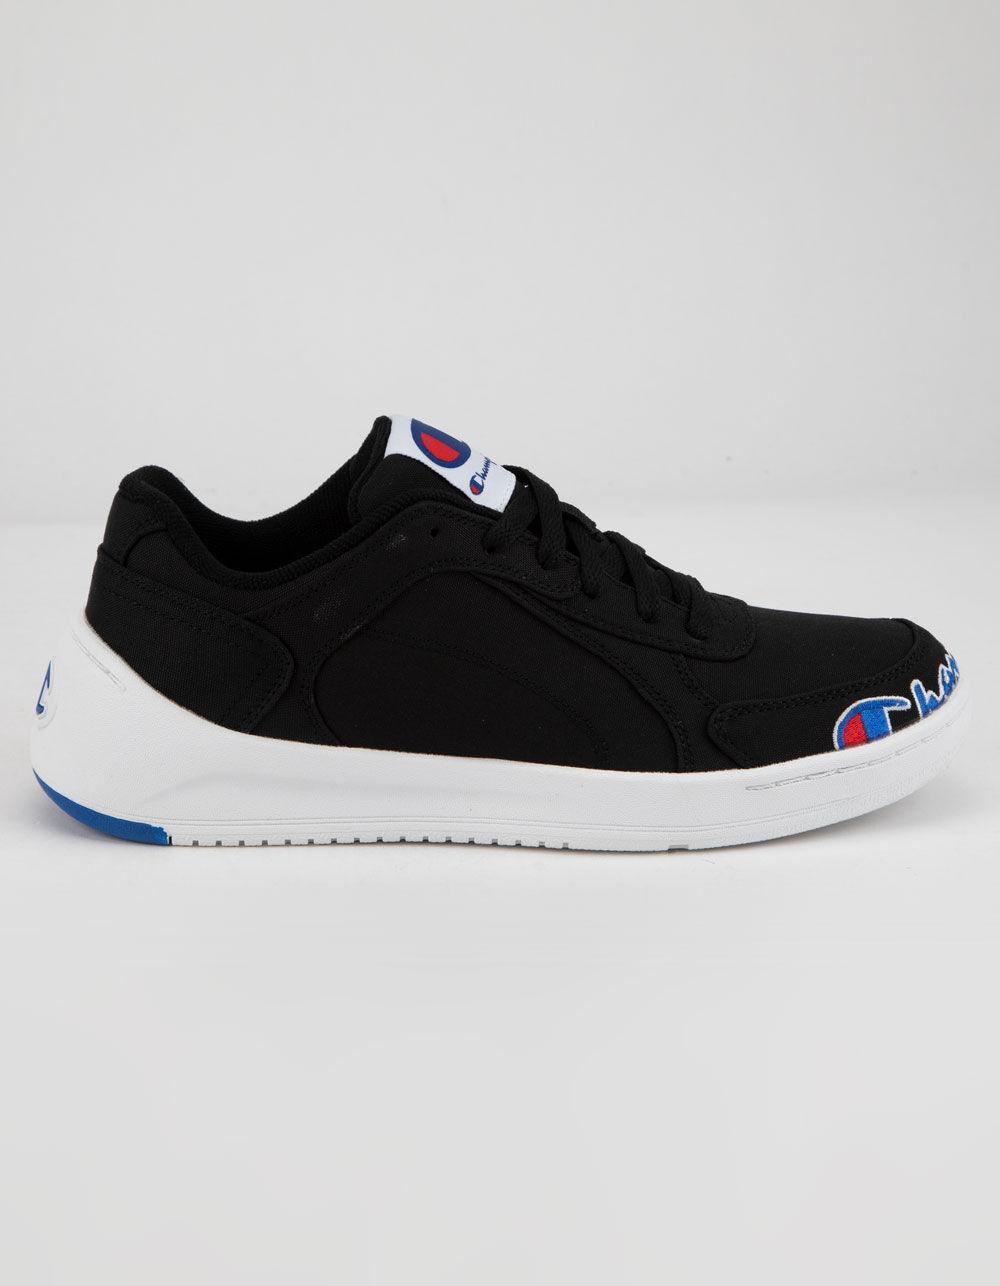 ETNIES Cirrus Navy & White Shoes